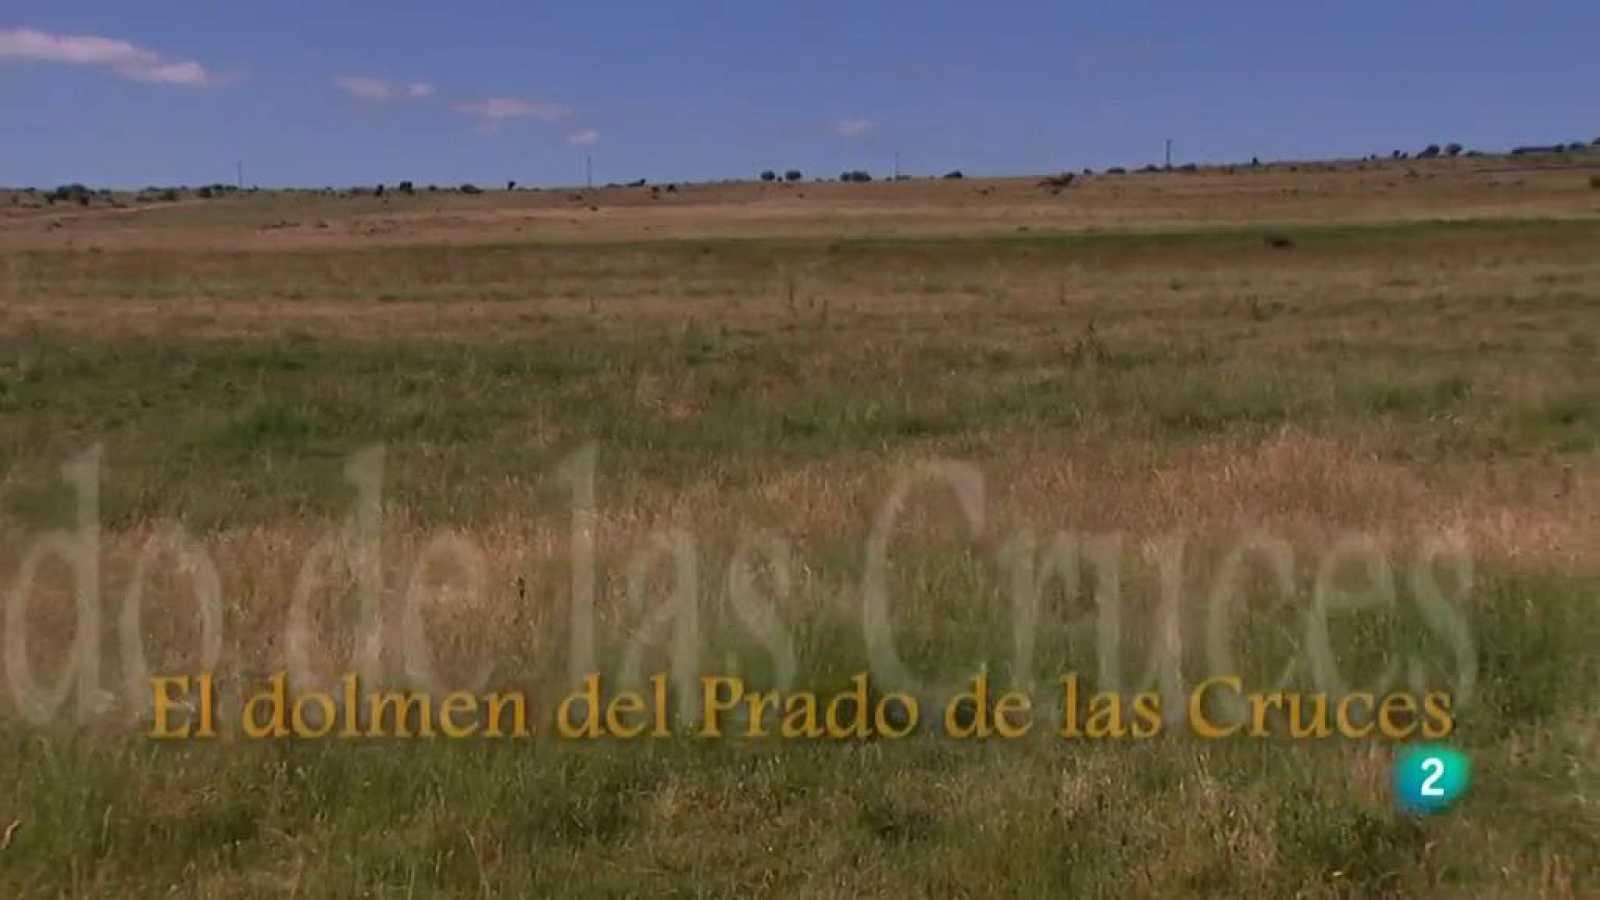 La aventura del saber El tunel del tiempo El Prado de las Cruces II Avila dolmen #AventuraSaberArqueología